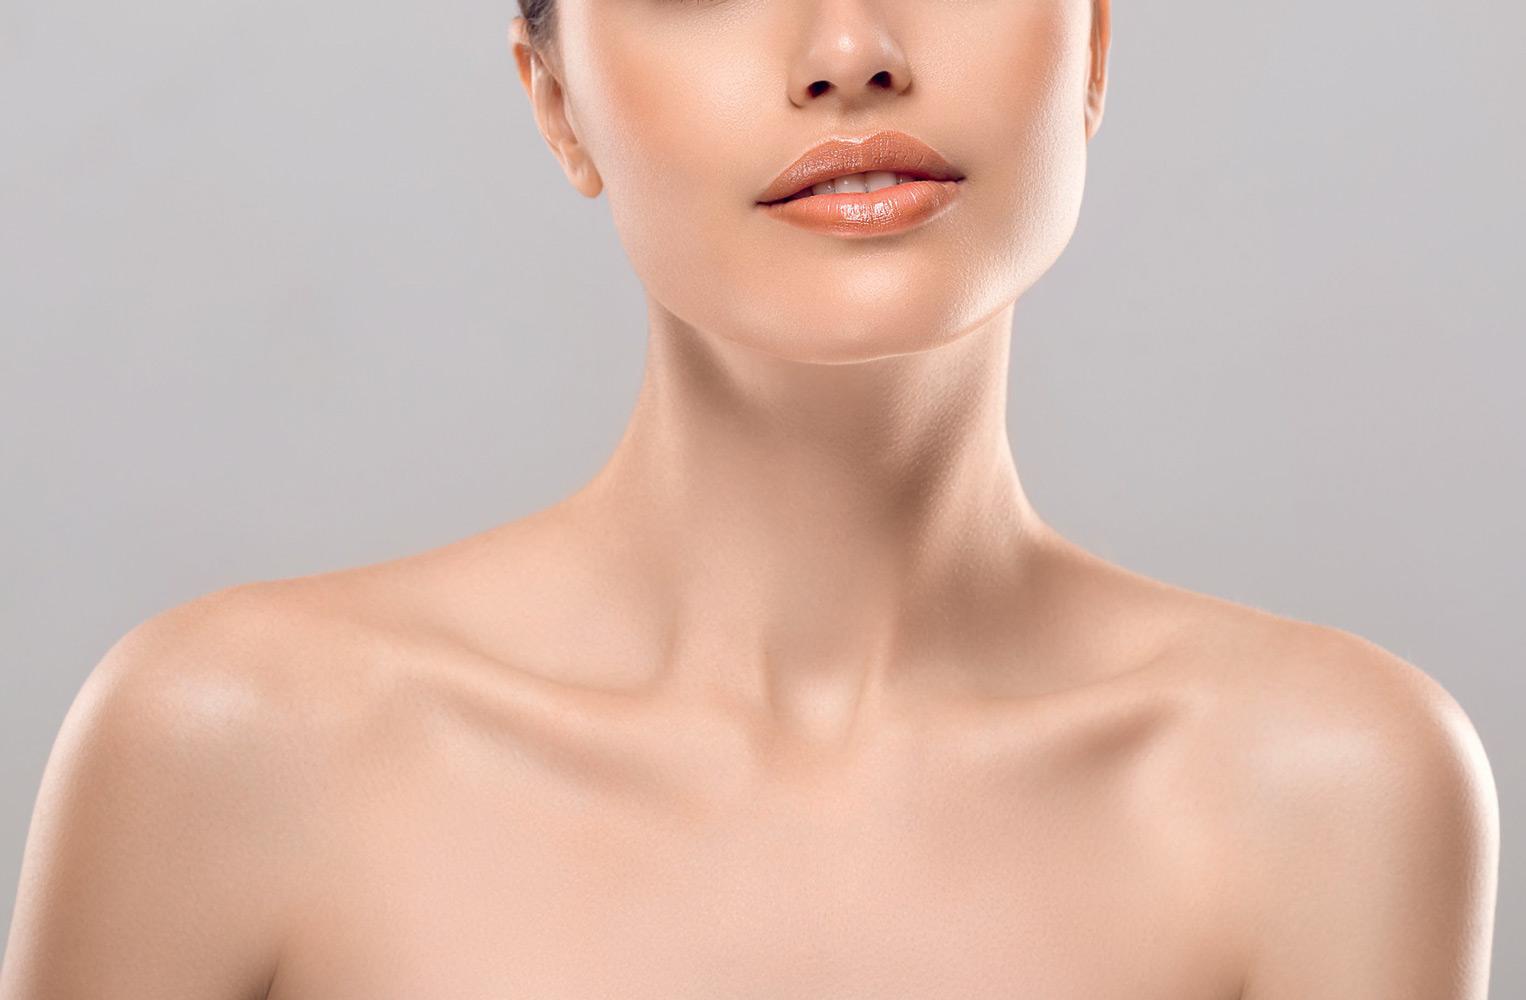 Артроз шейного отдела позвоночника — причины появления, лечение